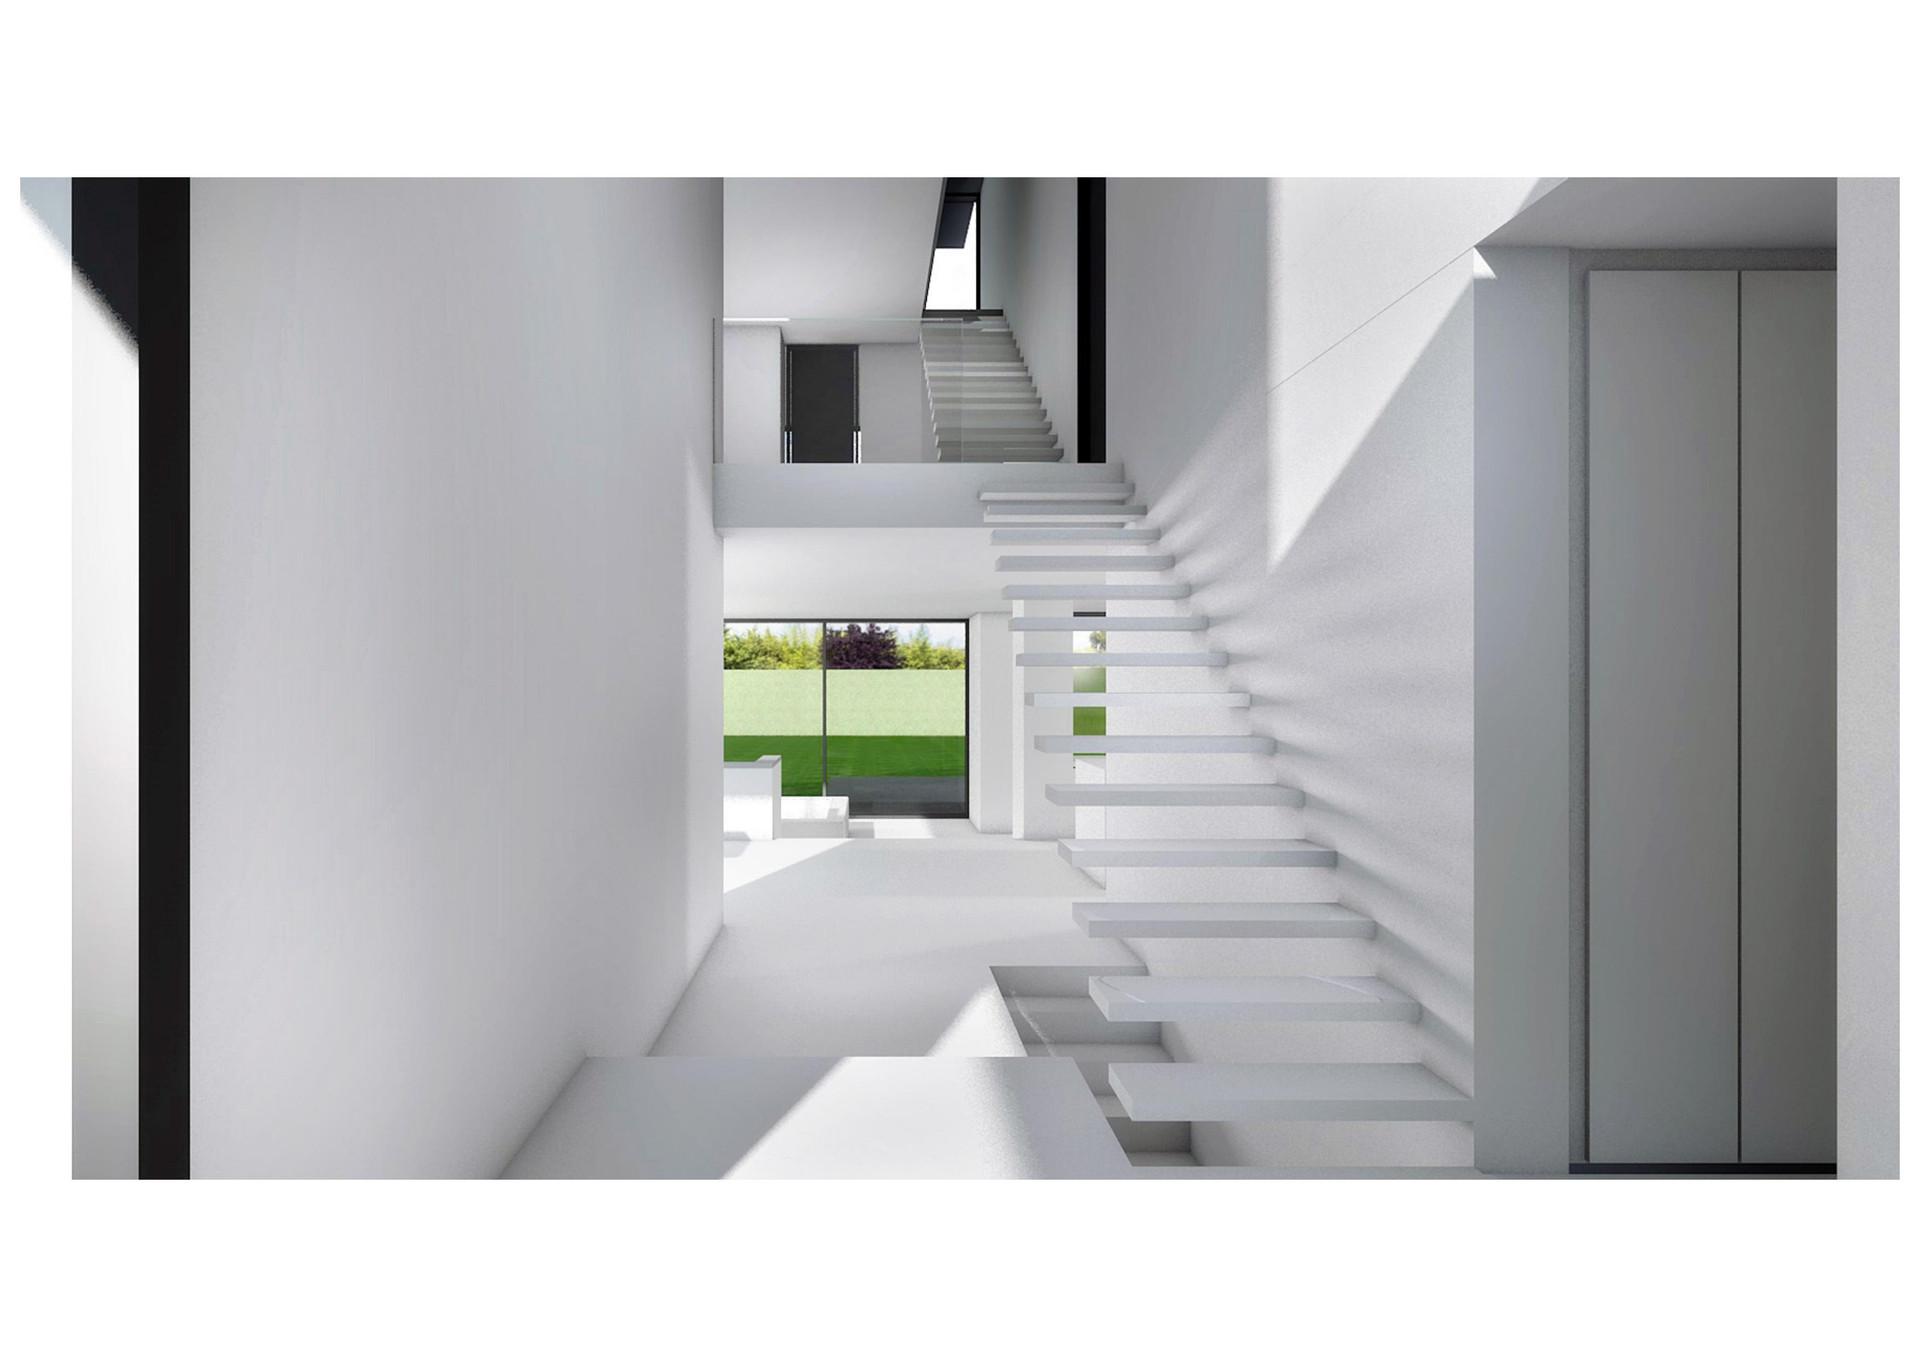 OA57 Wohnhaus | Ben Dieckmann architects